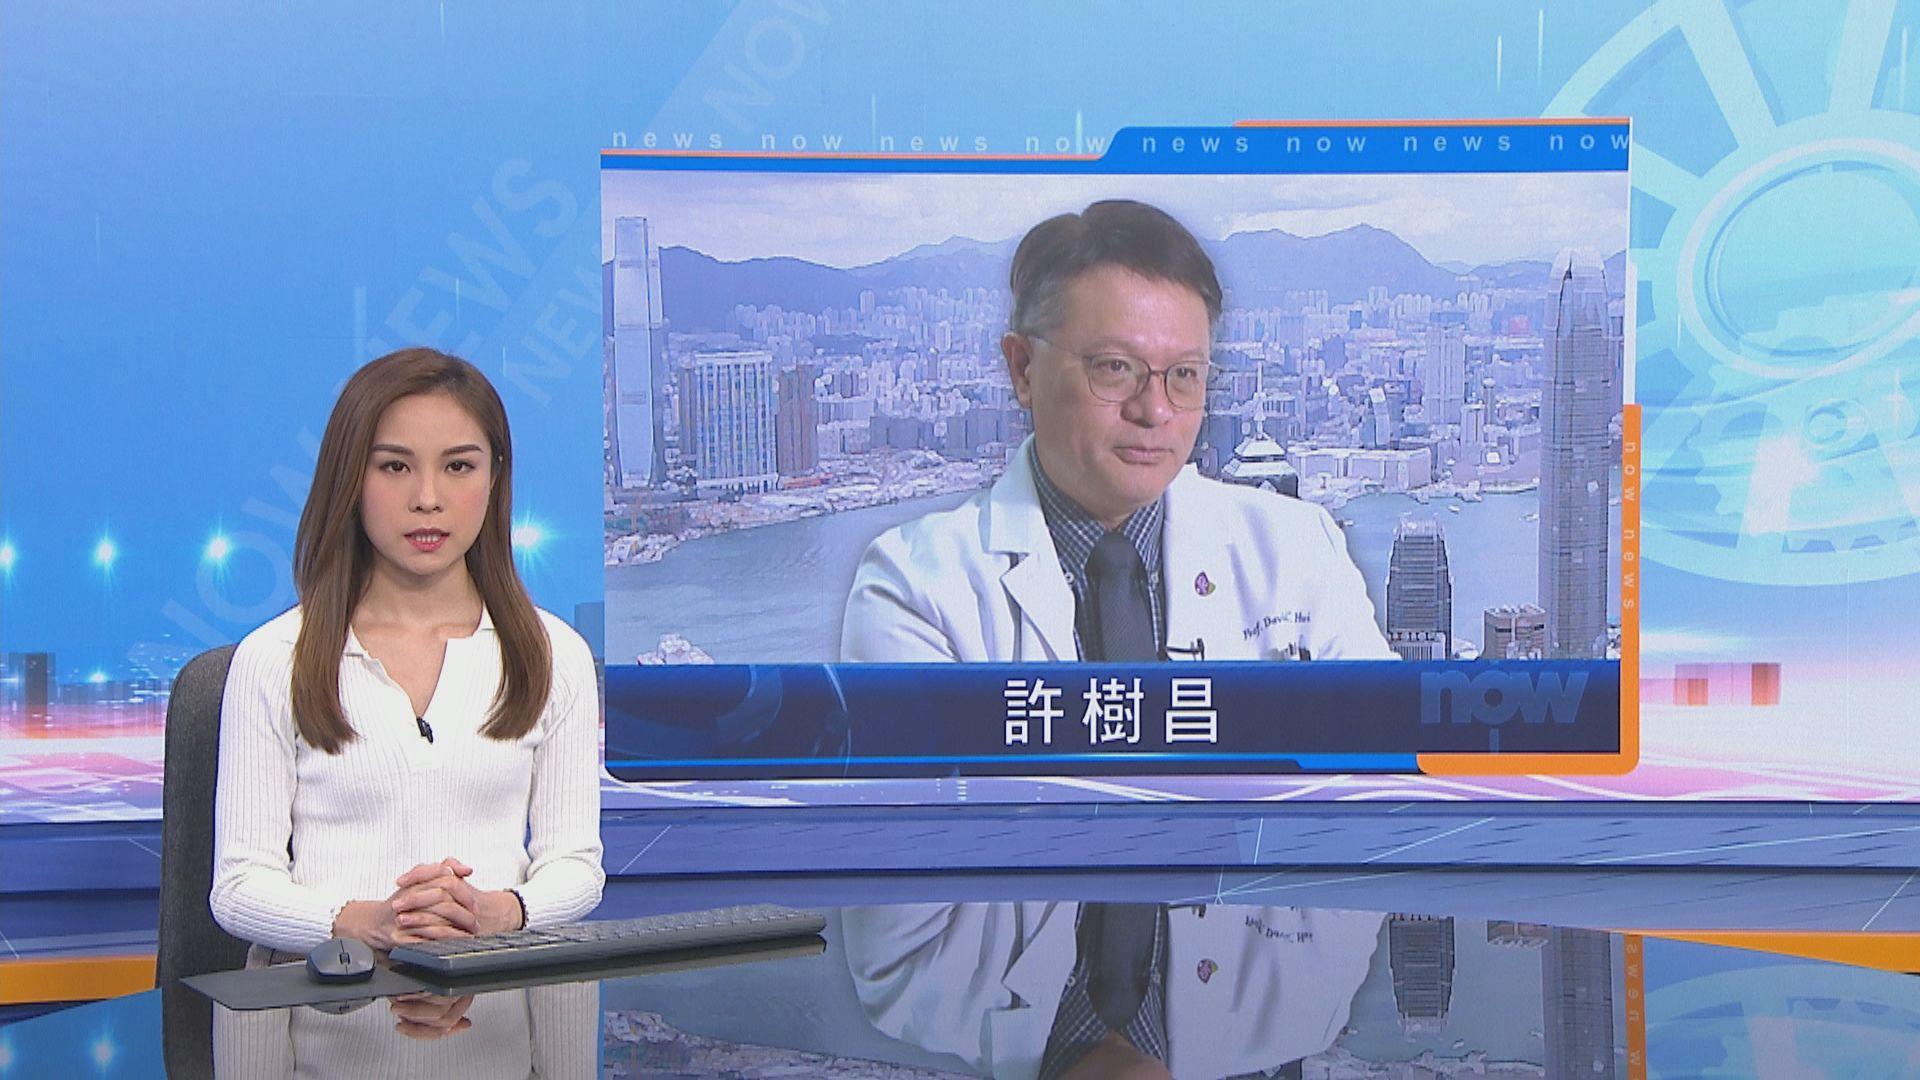 消息:本港增約6宗確診 包括兩宗昨日公布源頭不明個案